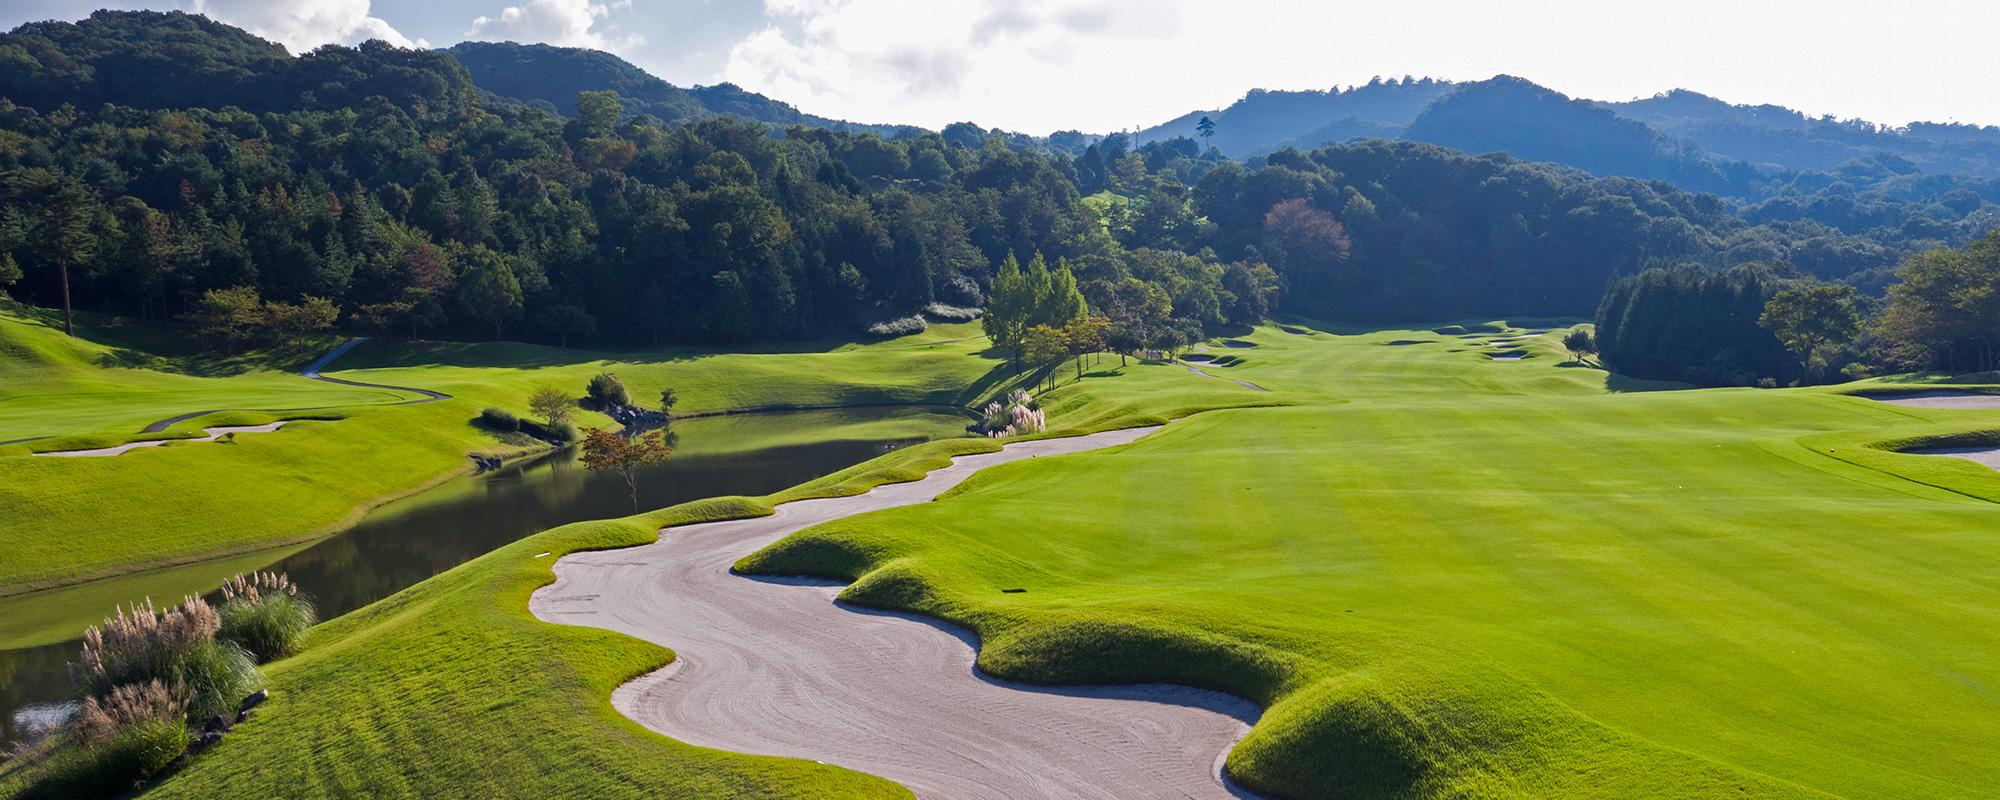 ゴルフ 天気 比良